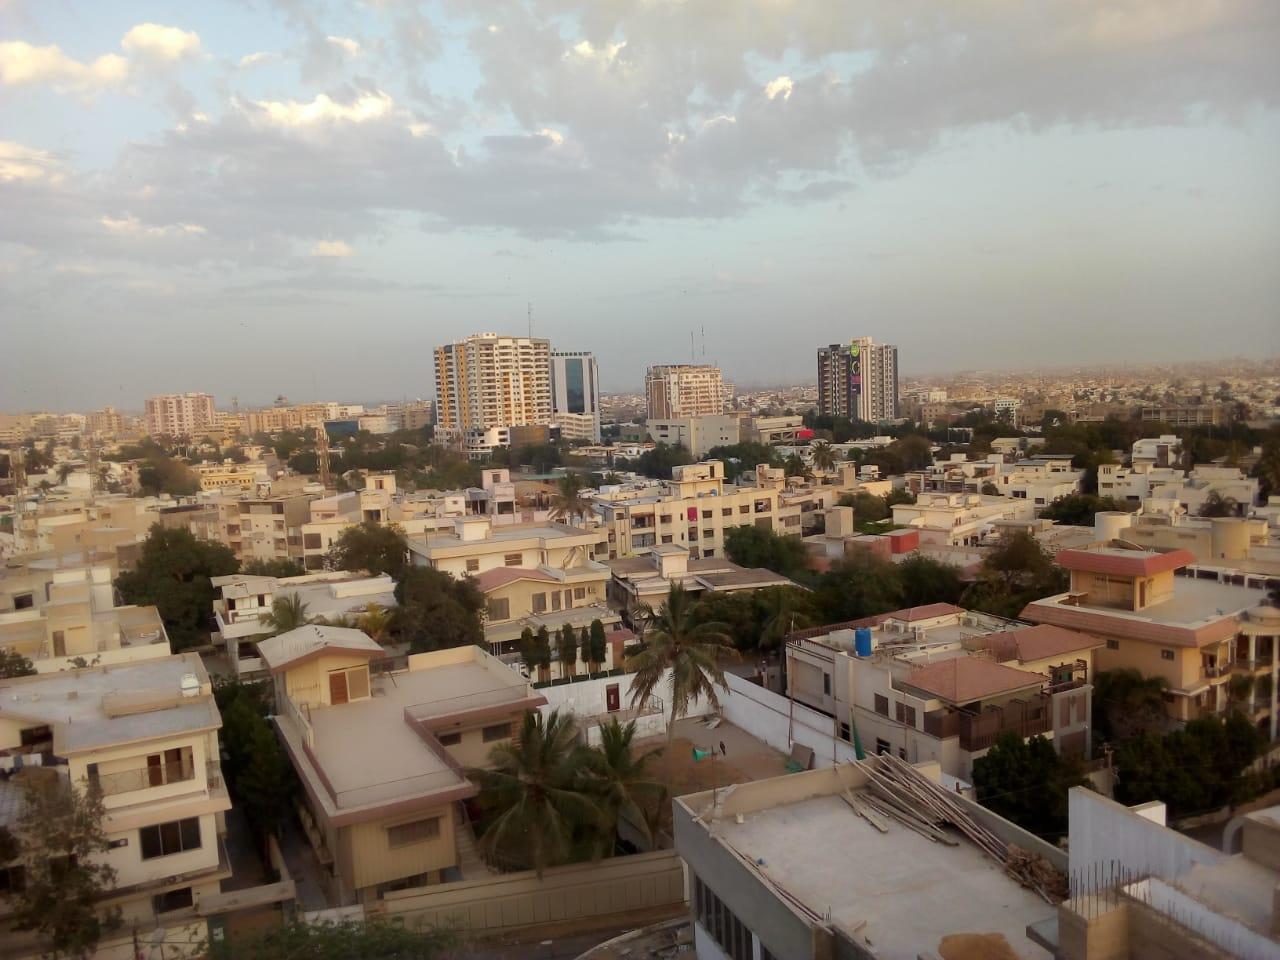 Beauty of Karachi Karachi Pakistan Beautiful view of Karachi